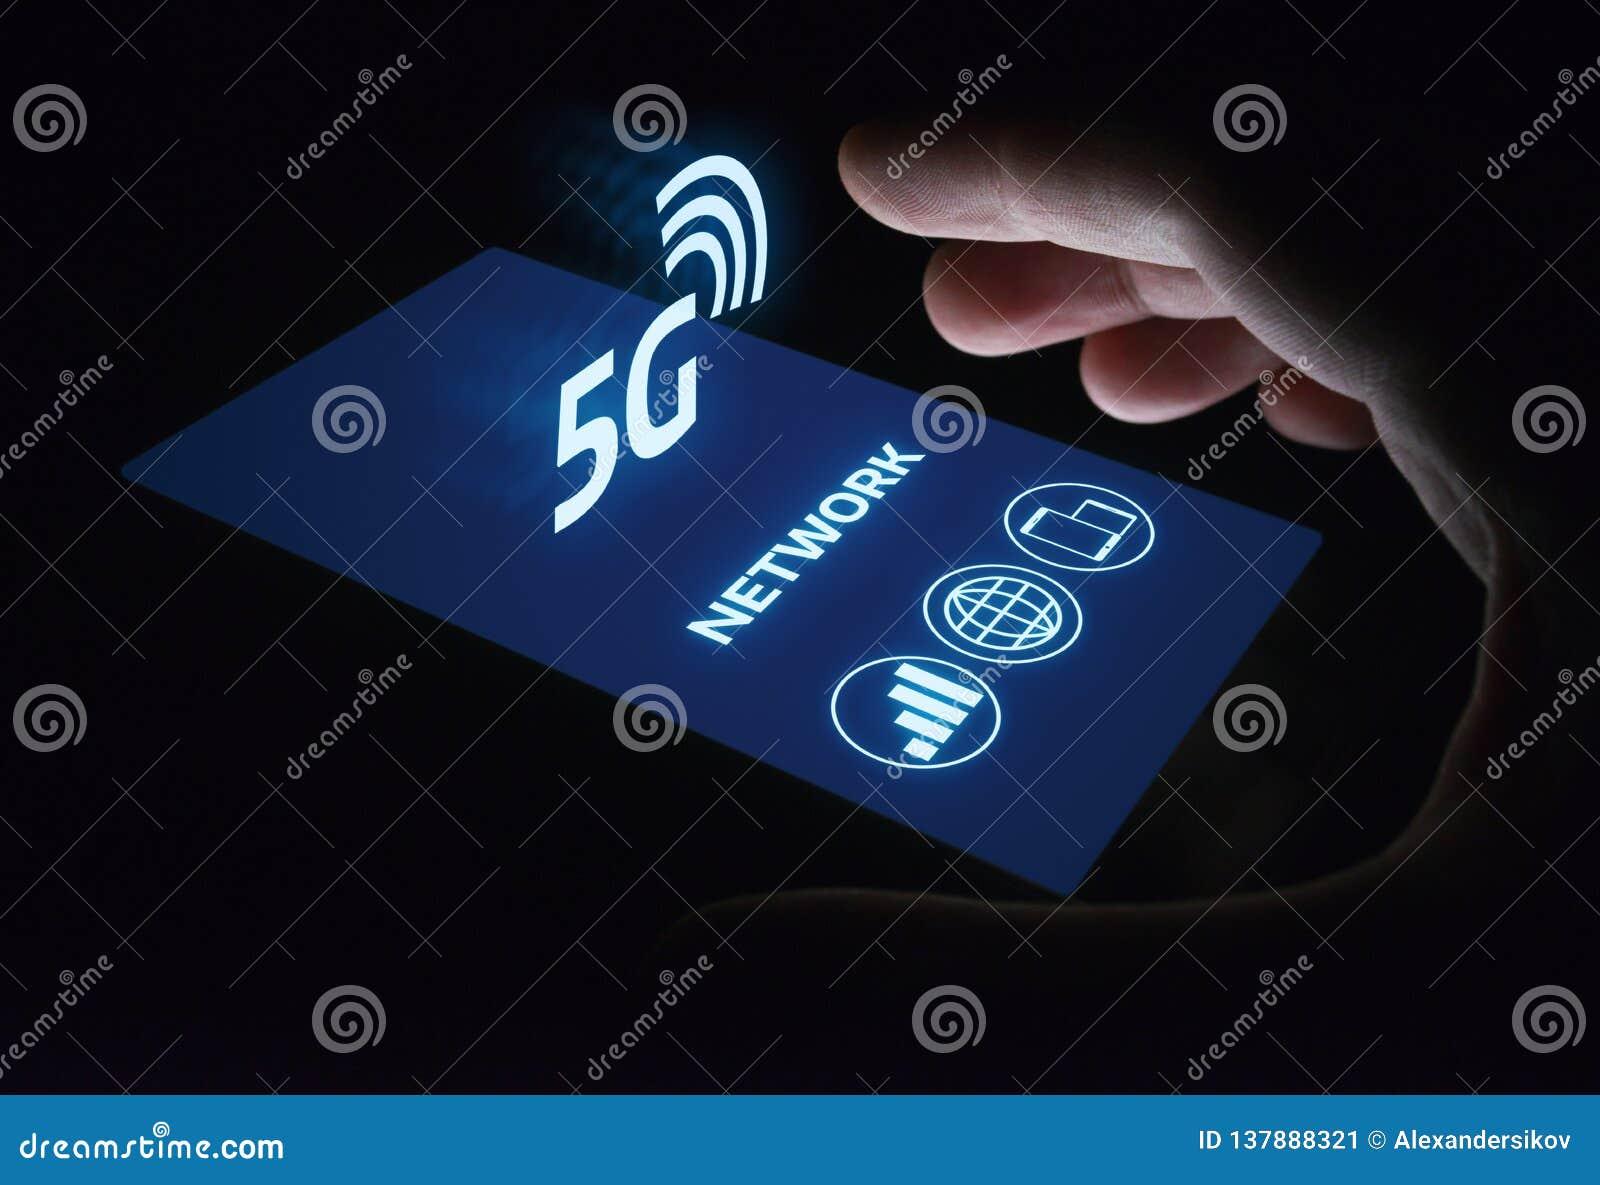 Conceito sem fio móvel do negócio do Internet da rede 5G